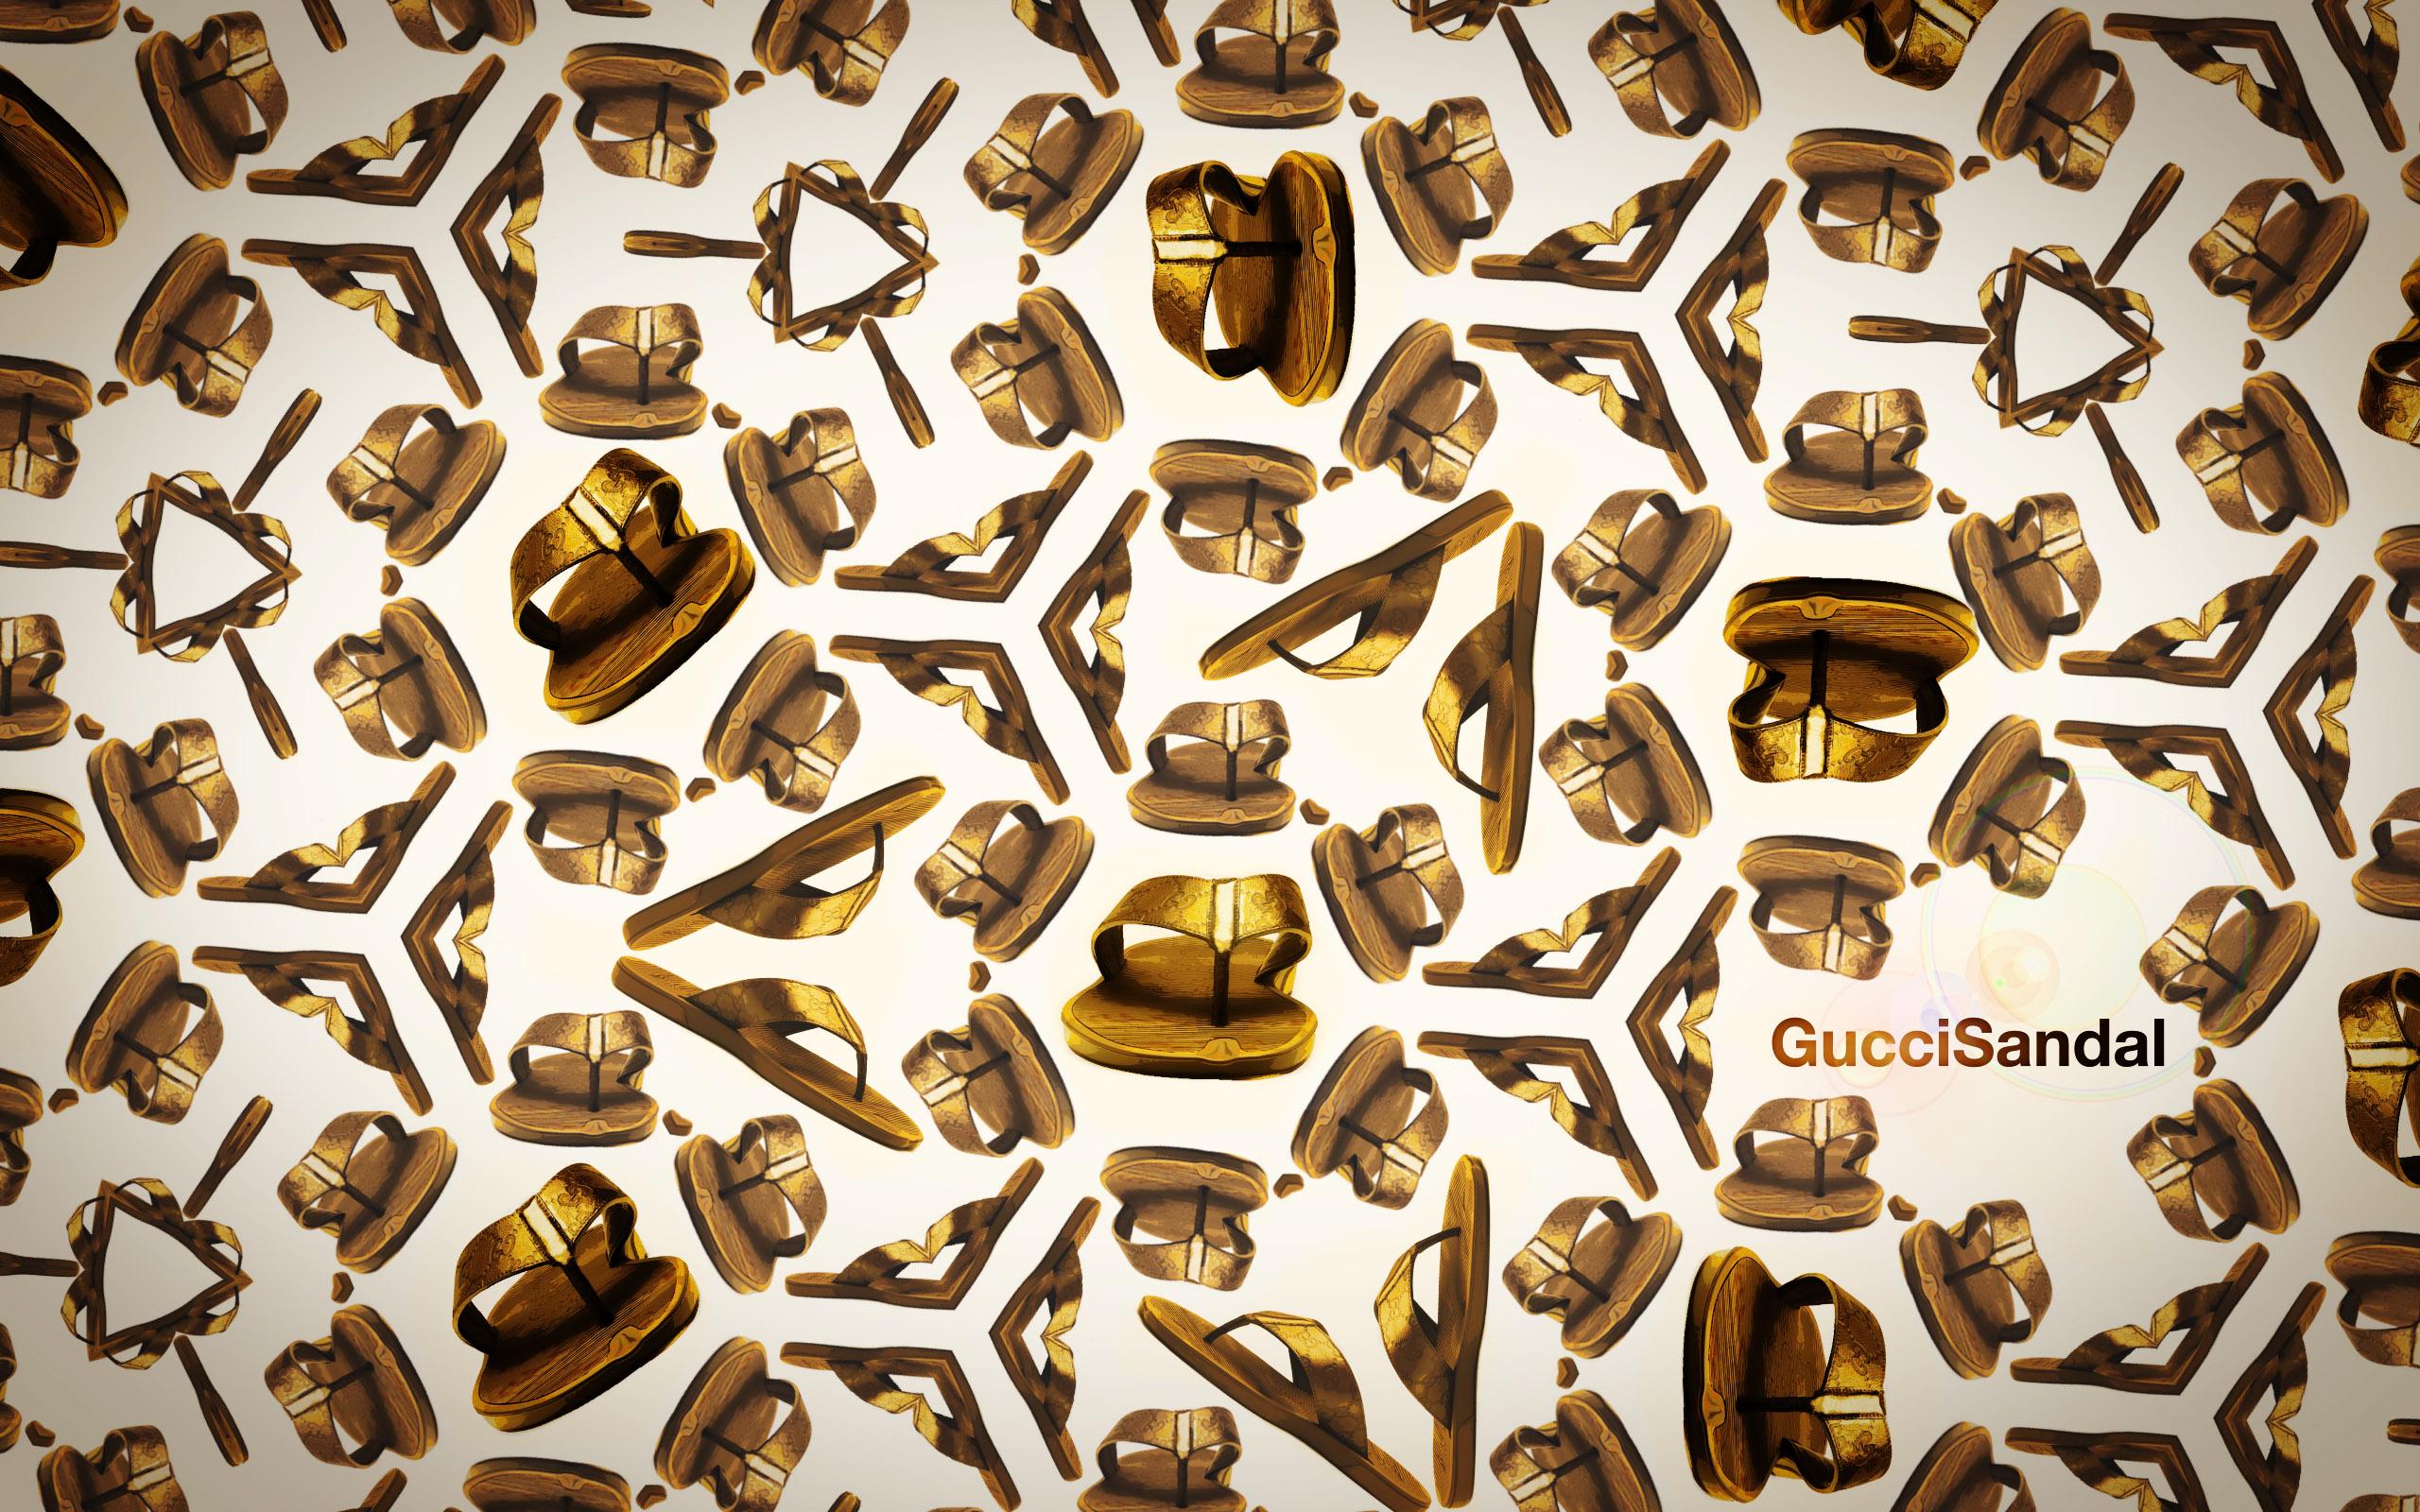 Gucci Sandal WTF is Gucci Sandal 2560x1600